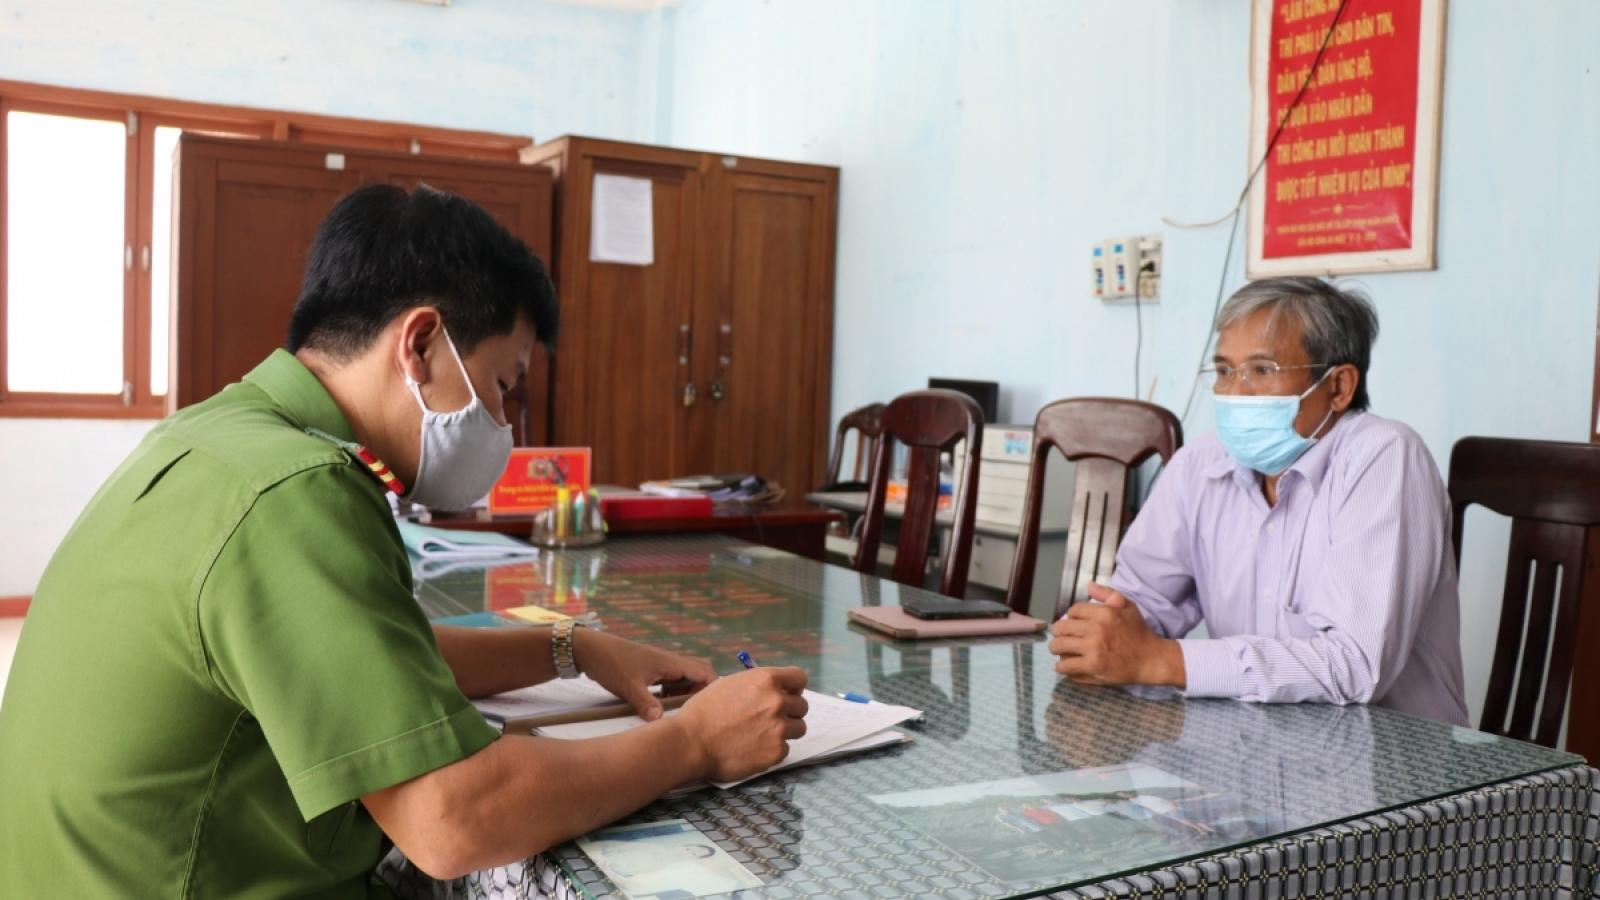 Nóng 24h: Khởi tố 3 cán bộ sai phạm trong bán 262 lô đất ở Phú Yên